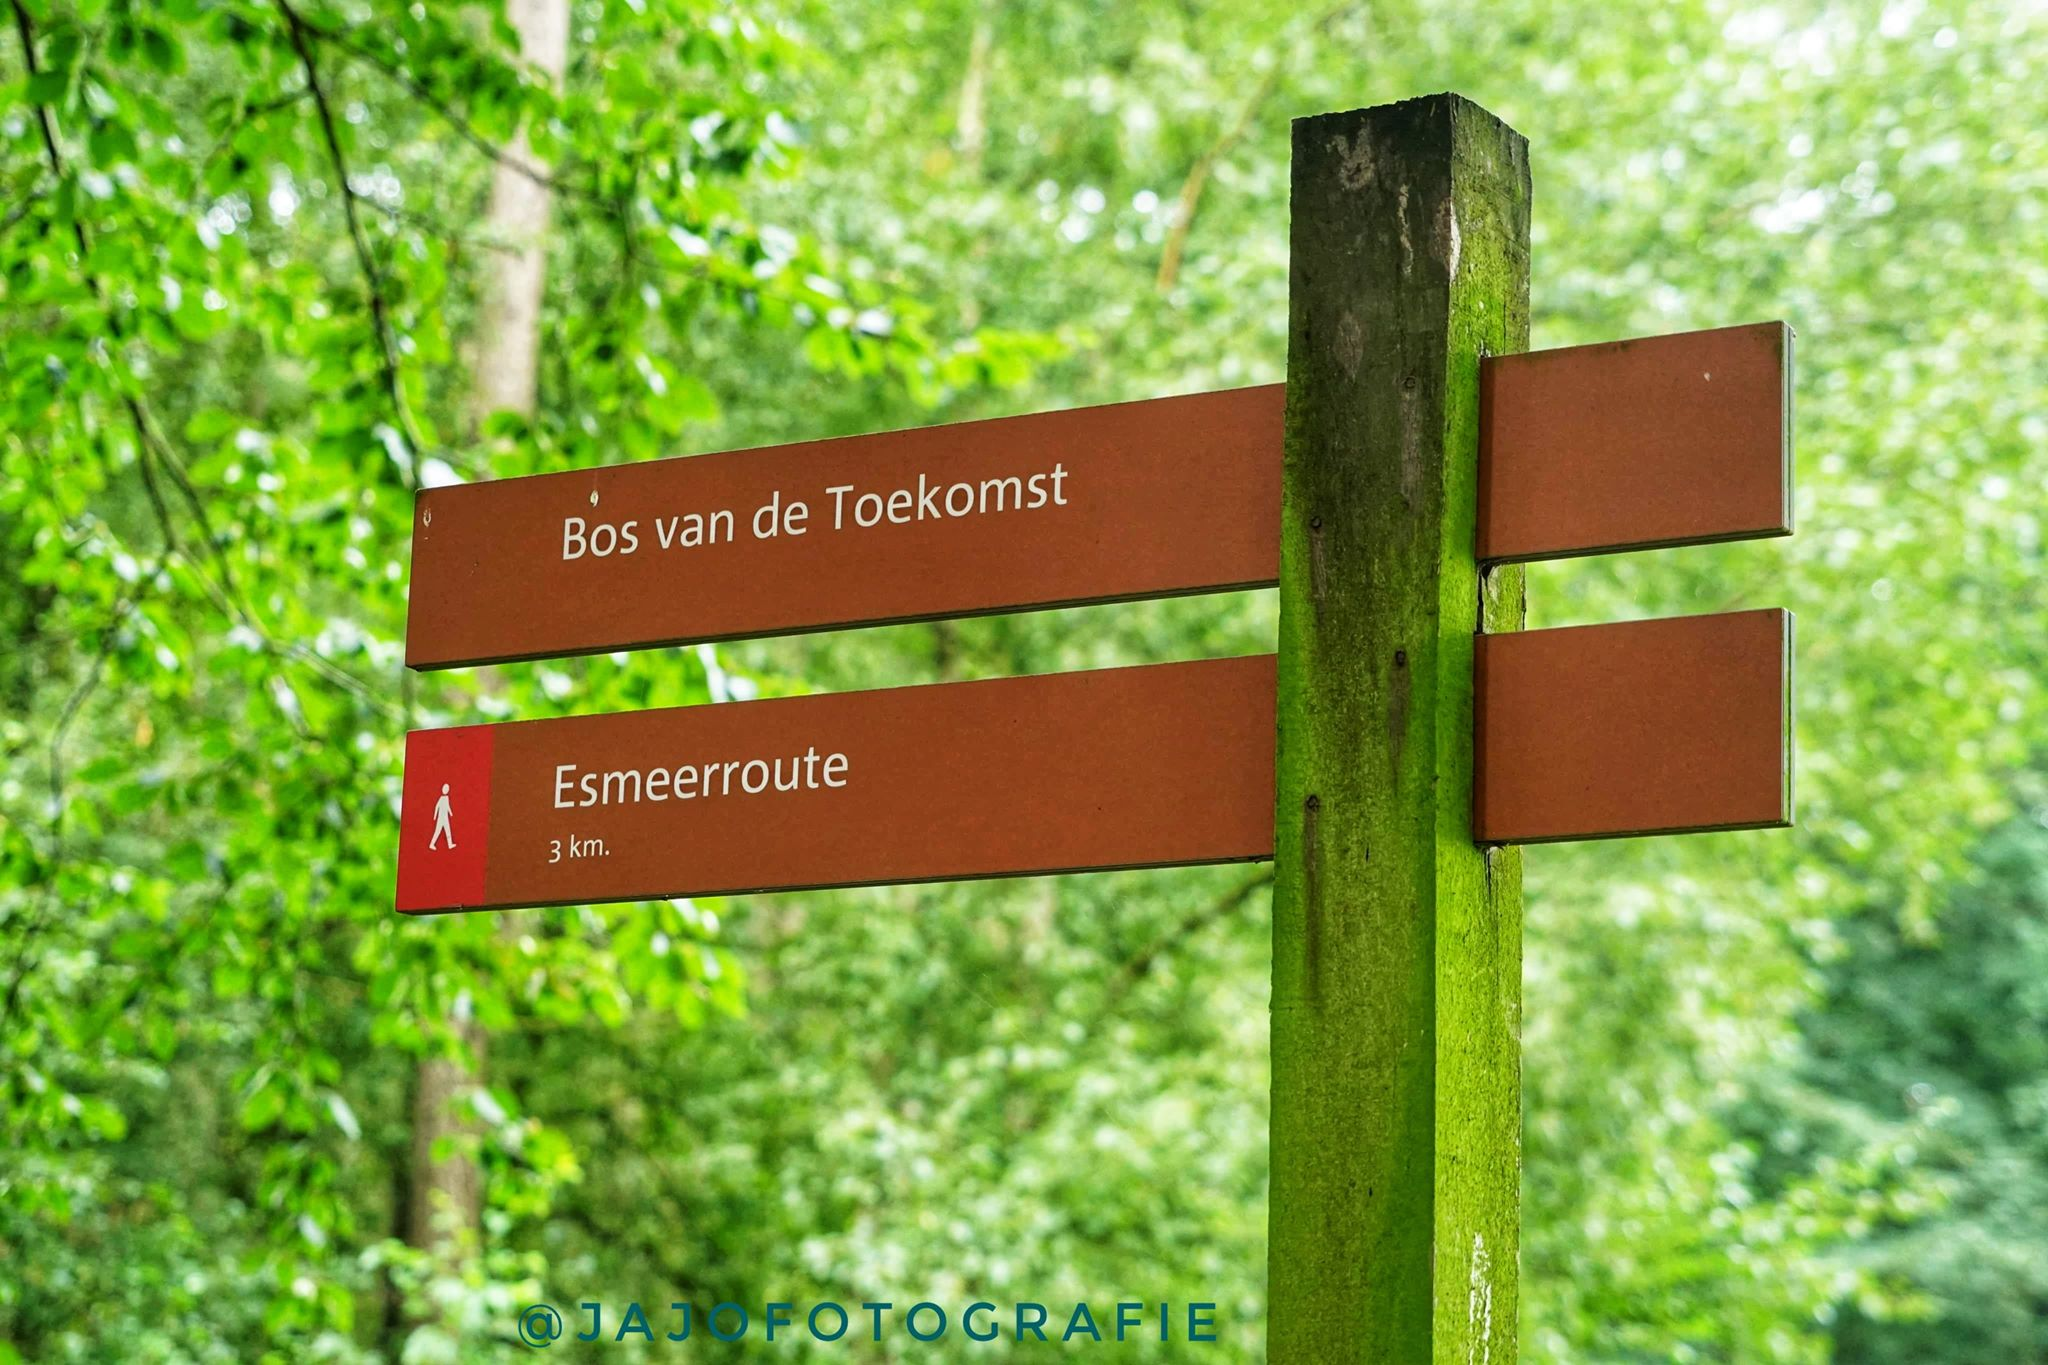 Esmeer – Bos van de toekomst